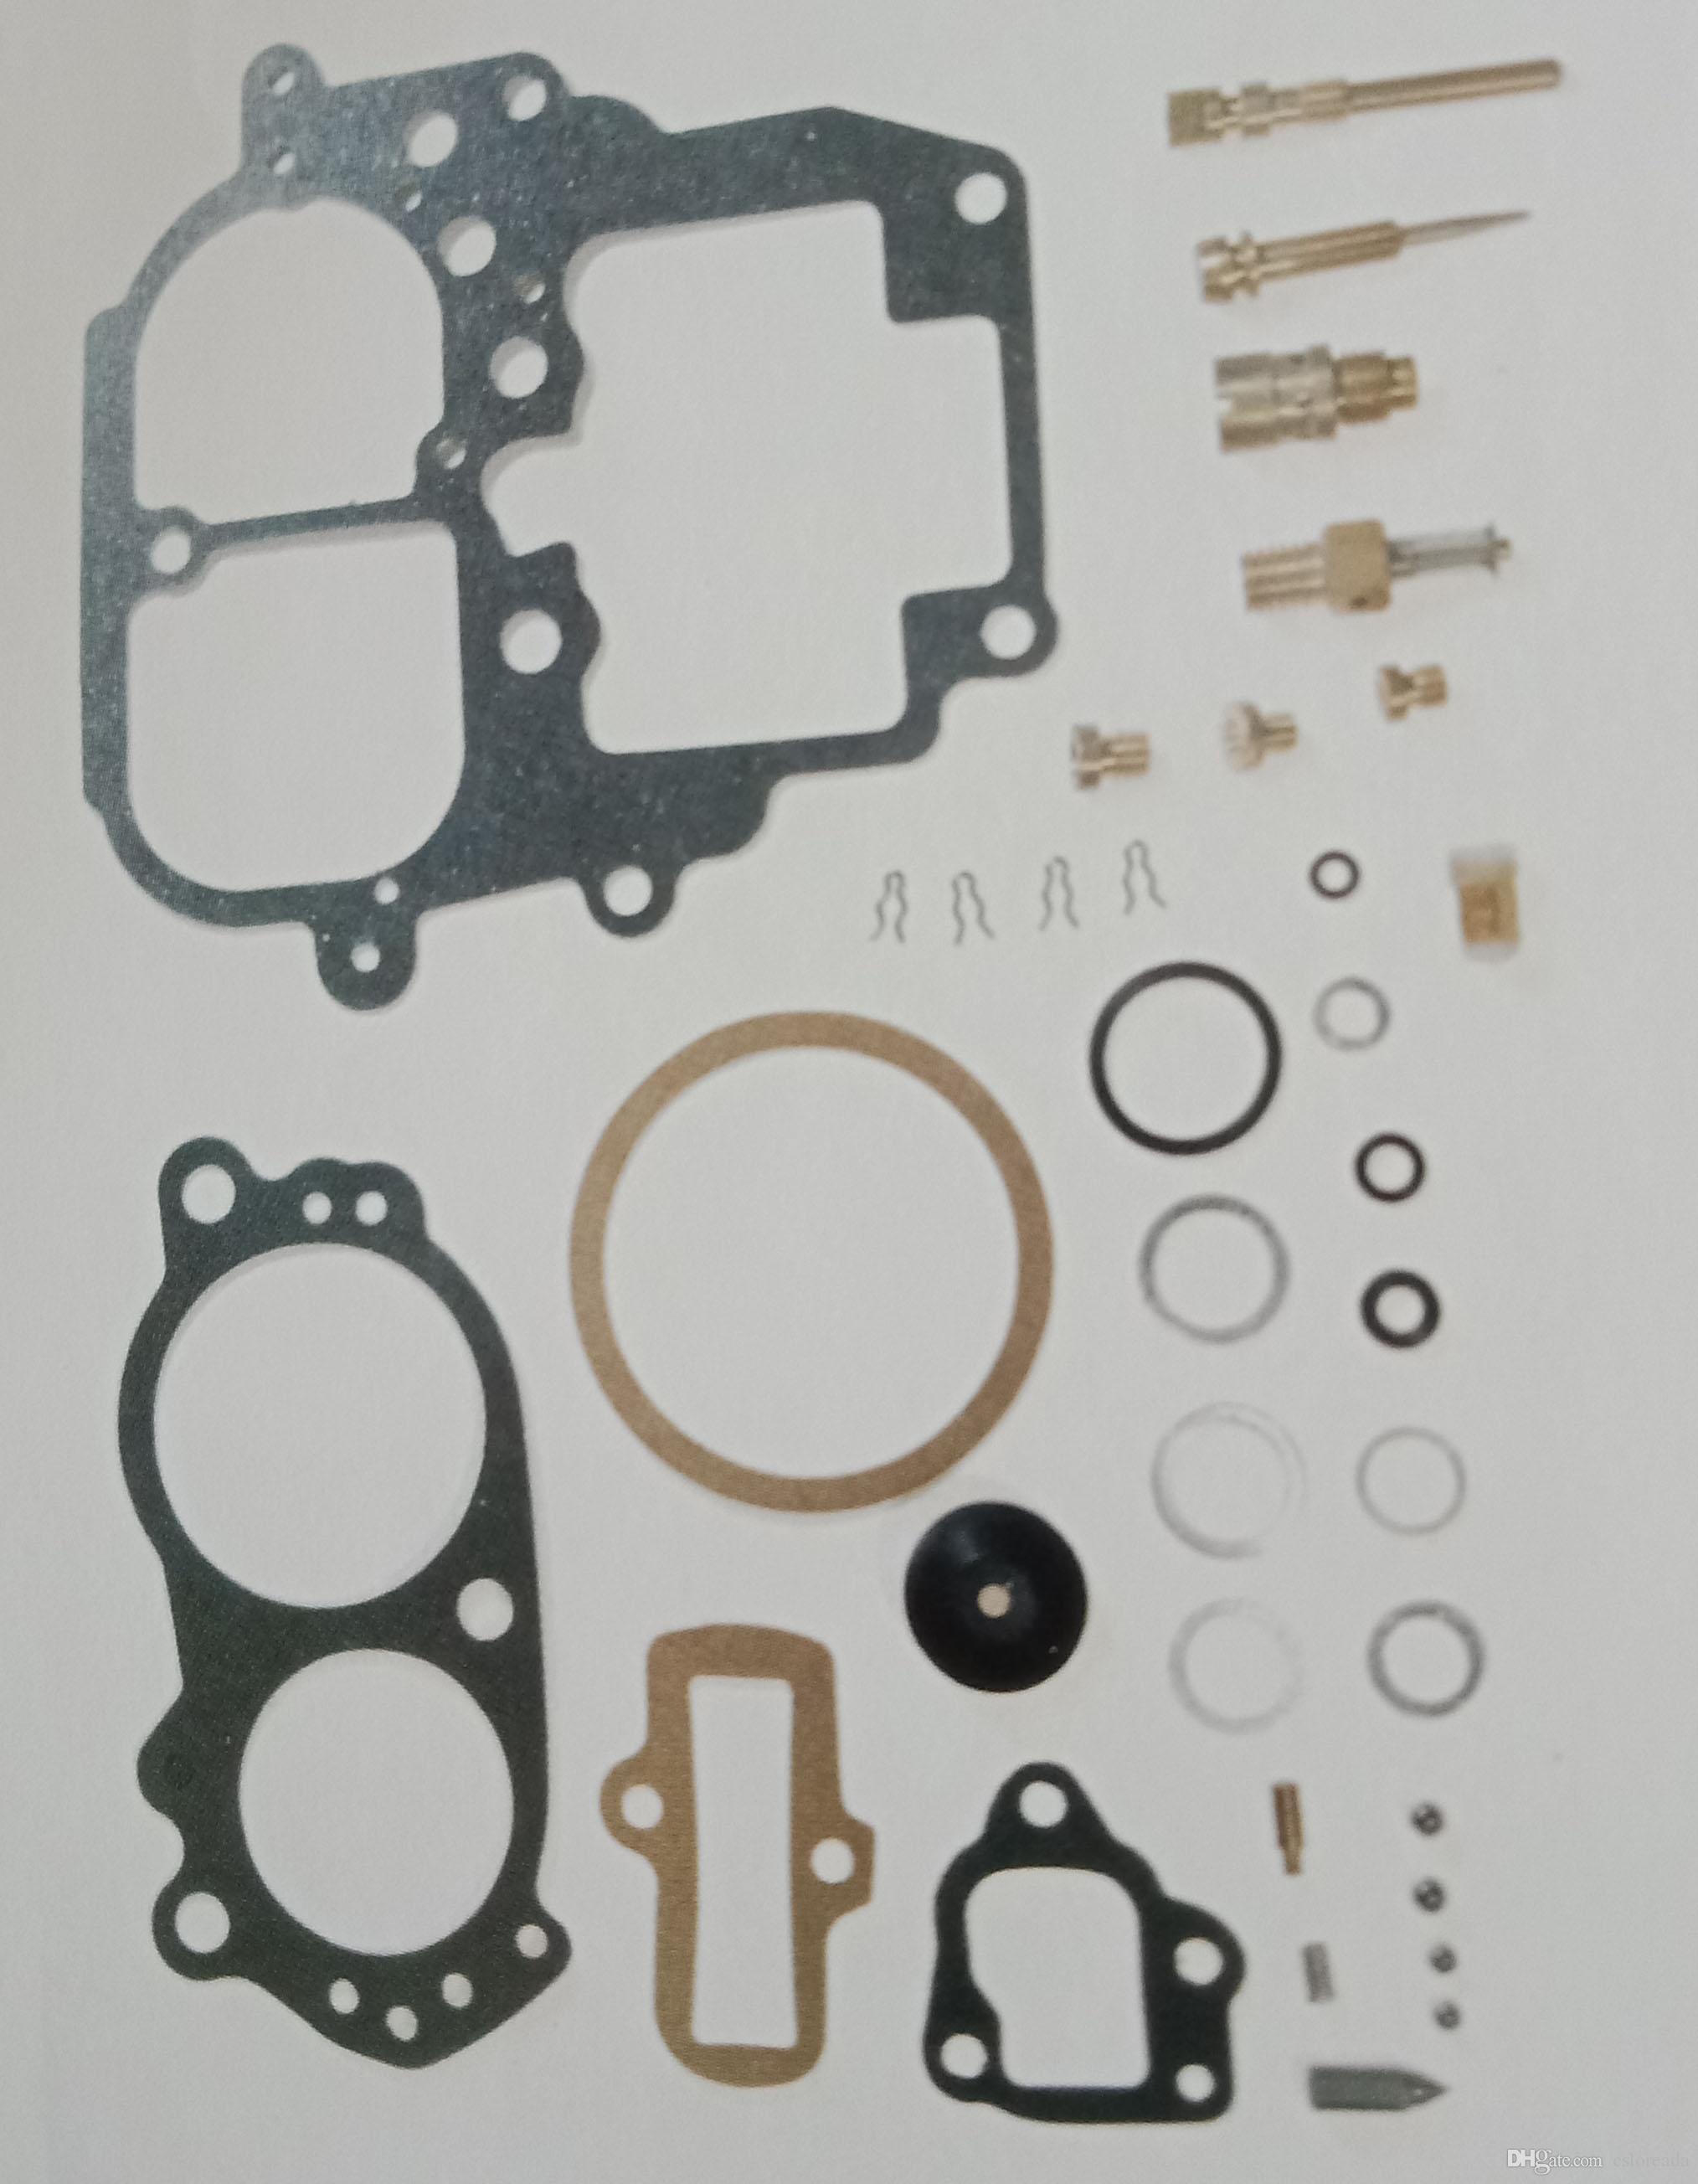 LOREADA New Car carburetor Repair Kits for TOYOTA 22R 21100-35520 2110035520 Engine Car Carbutetor Repair Bag Fast Shipping